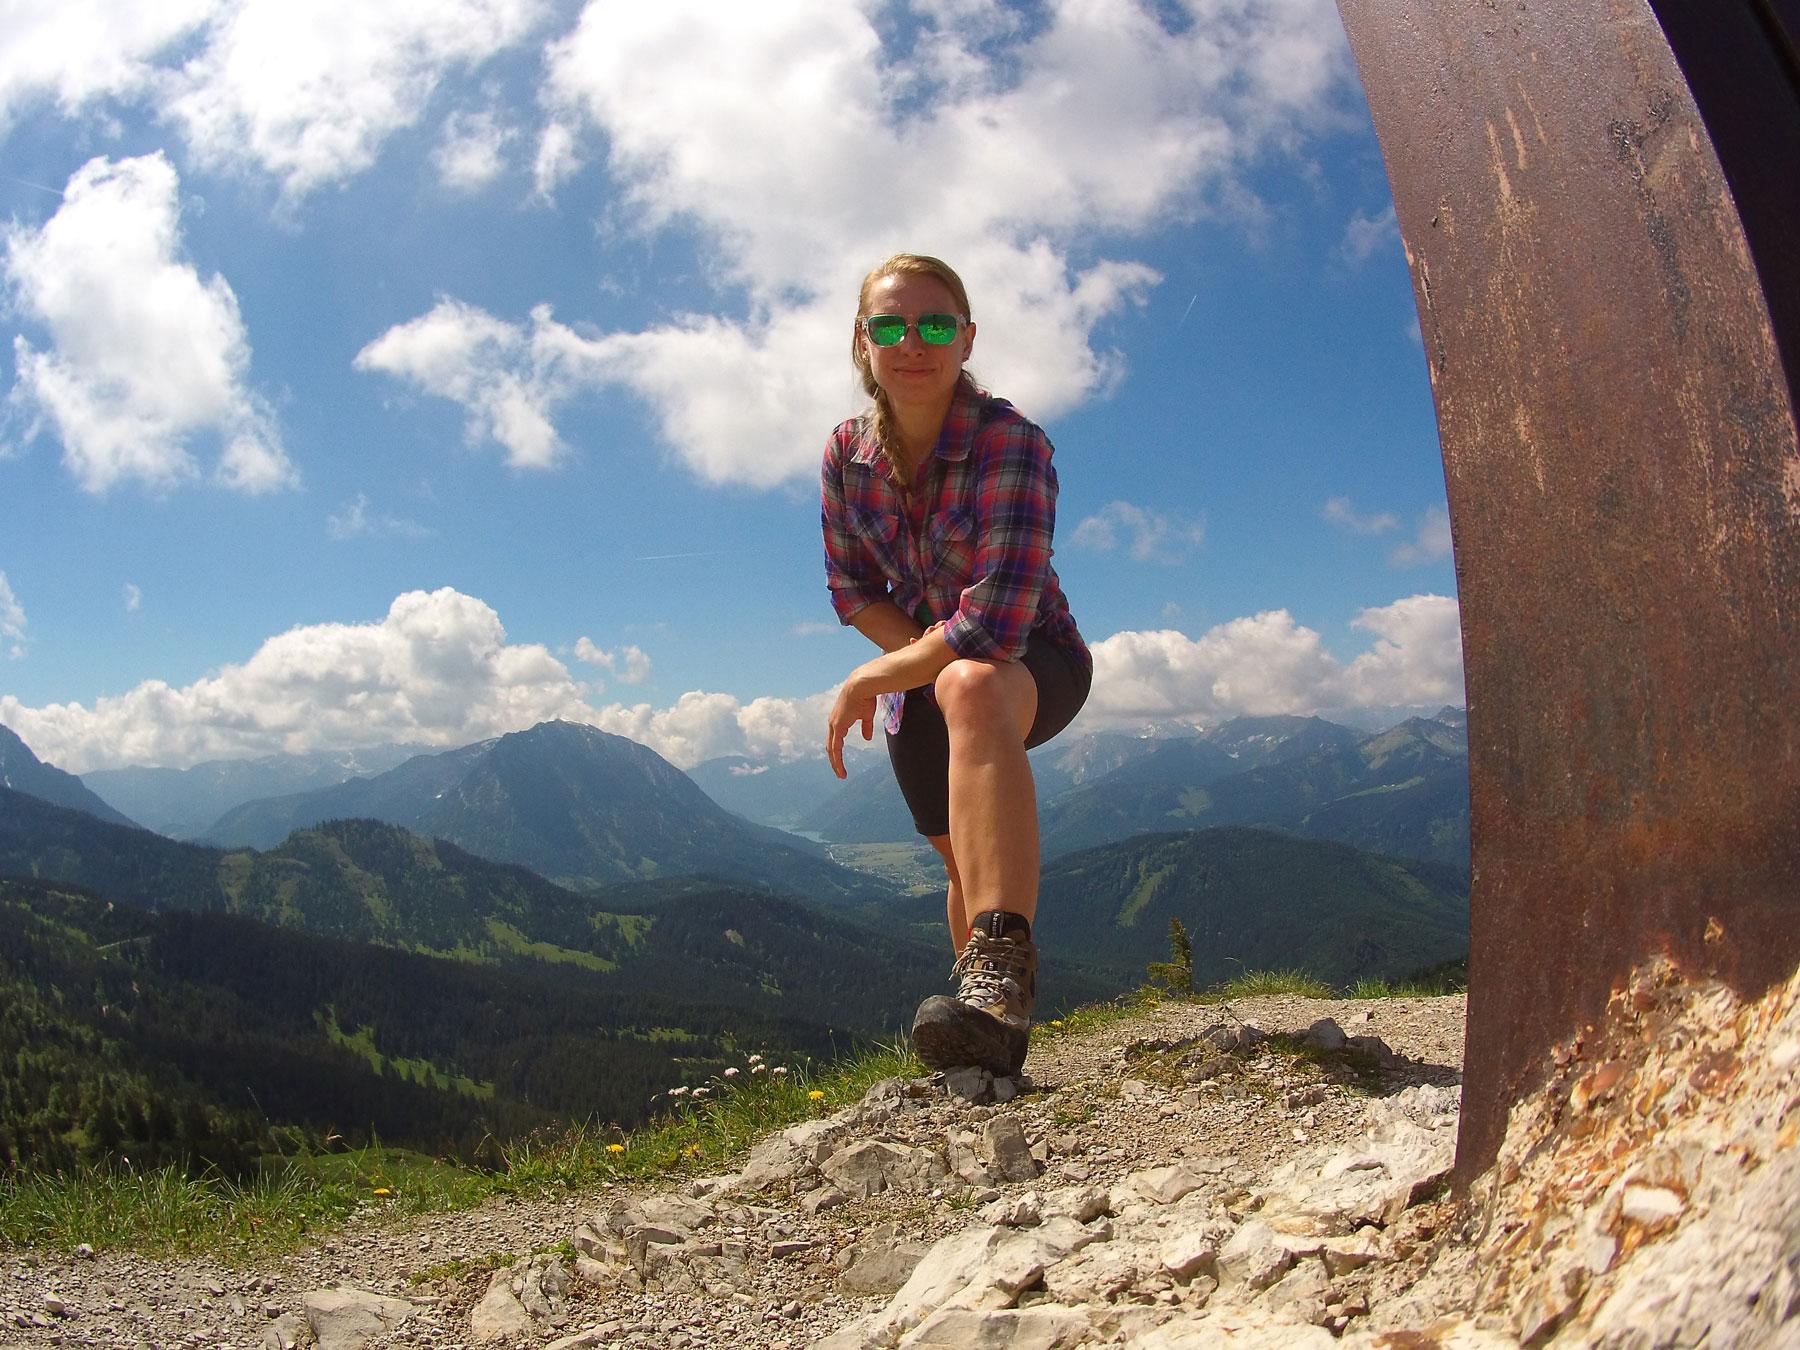 katharina-steglegger-munichmountaingirls-bergblog-muenchen-schildenstein-wandern-sommer